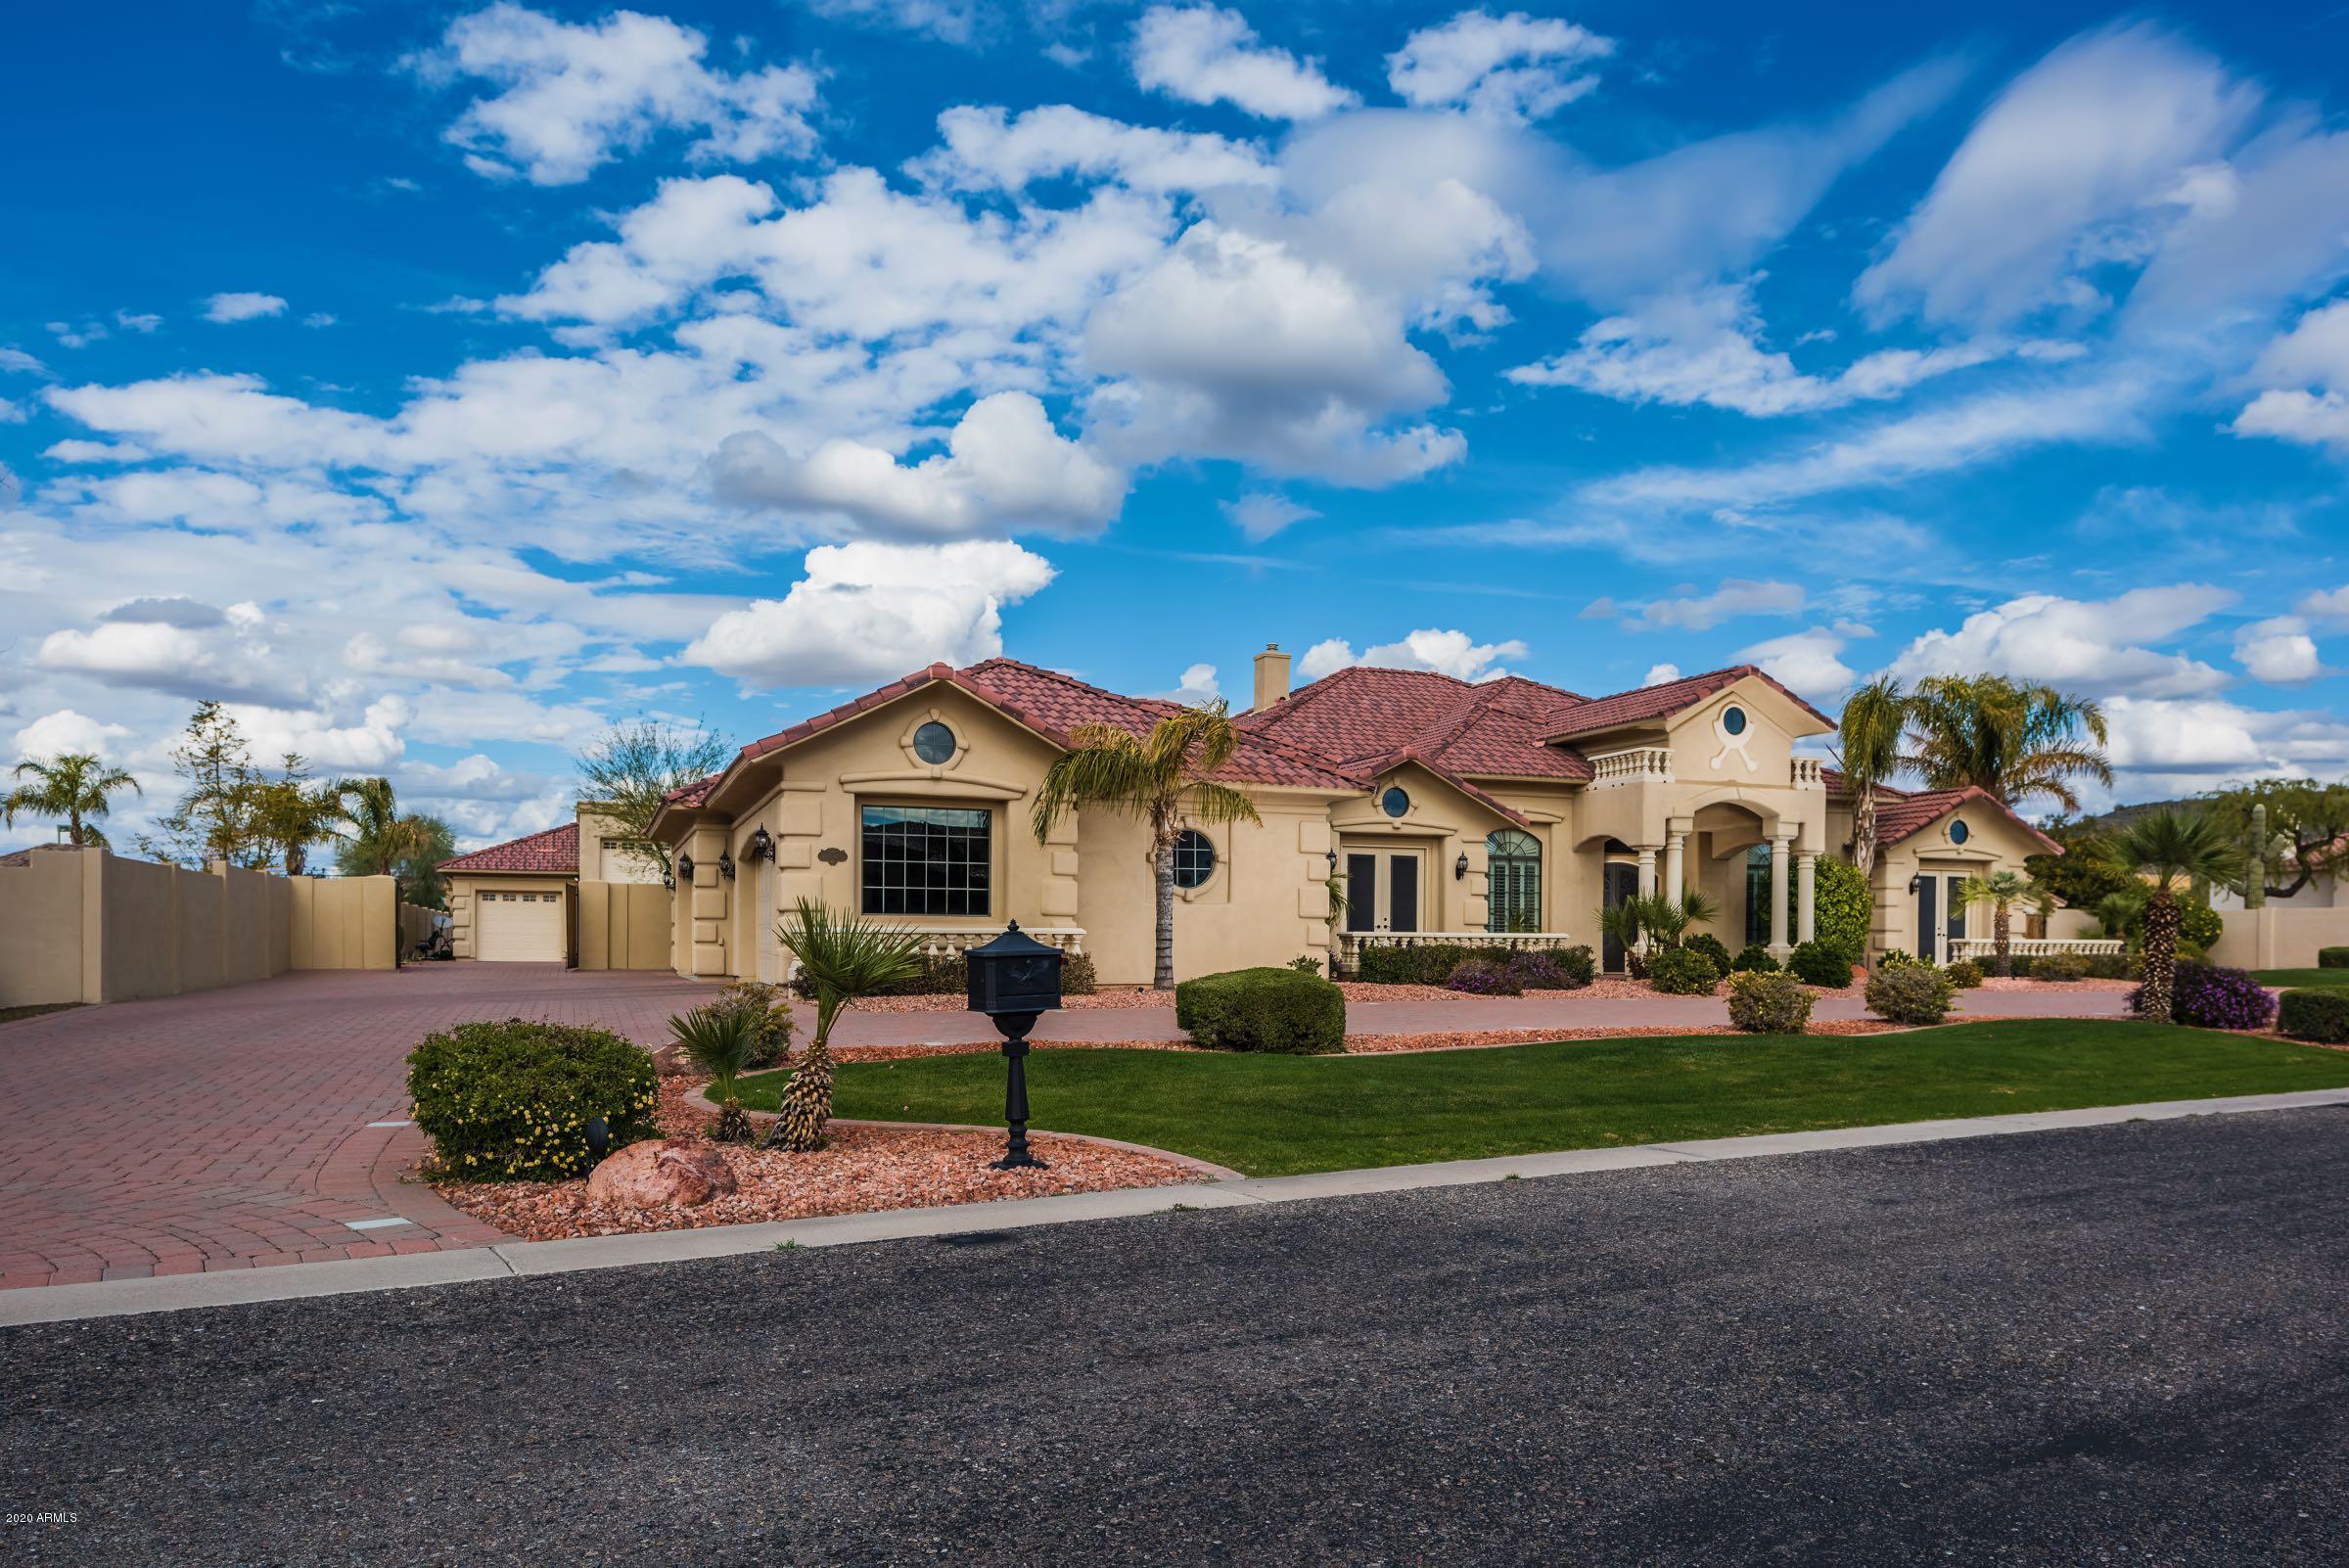 Photo of 6654 W Vista Bonita Drive, Glendale, AZ 85310